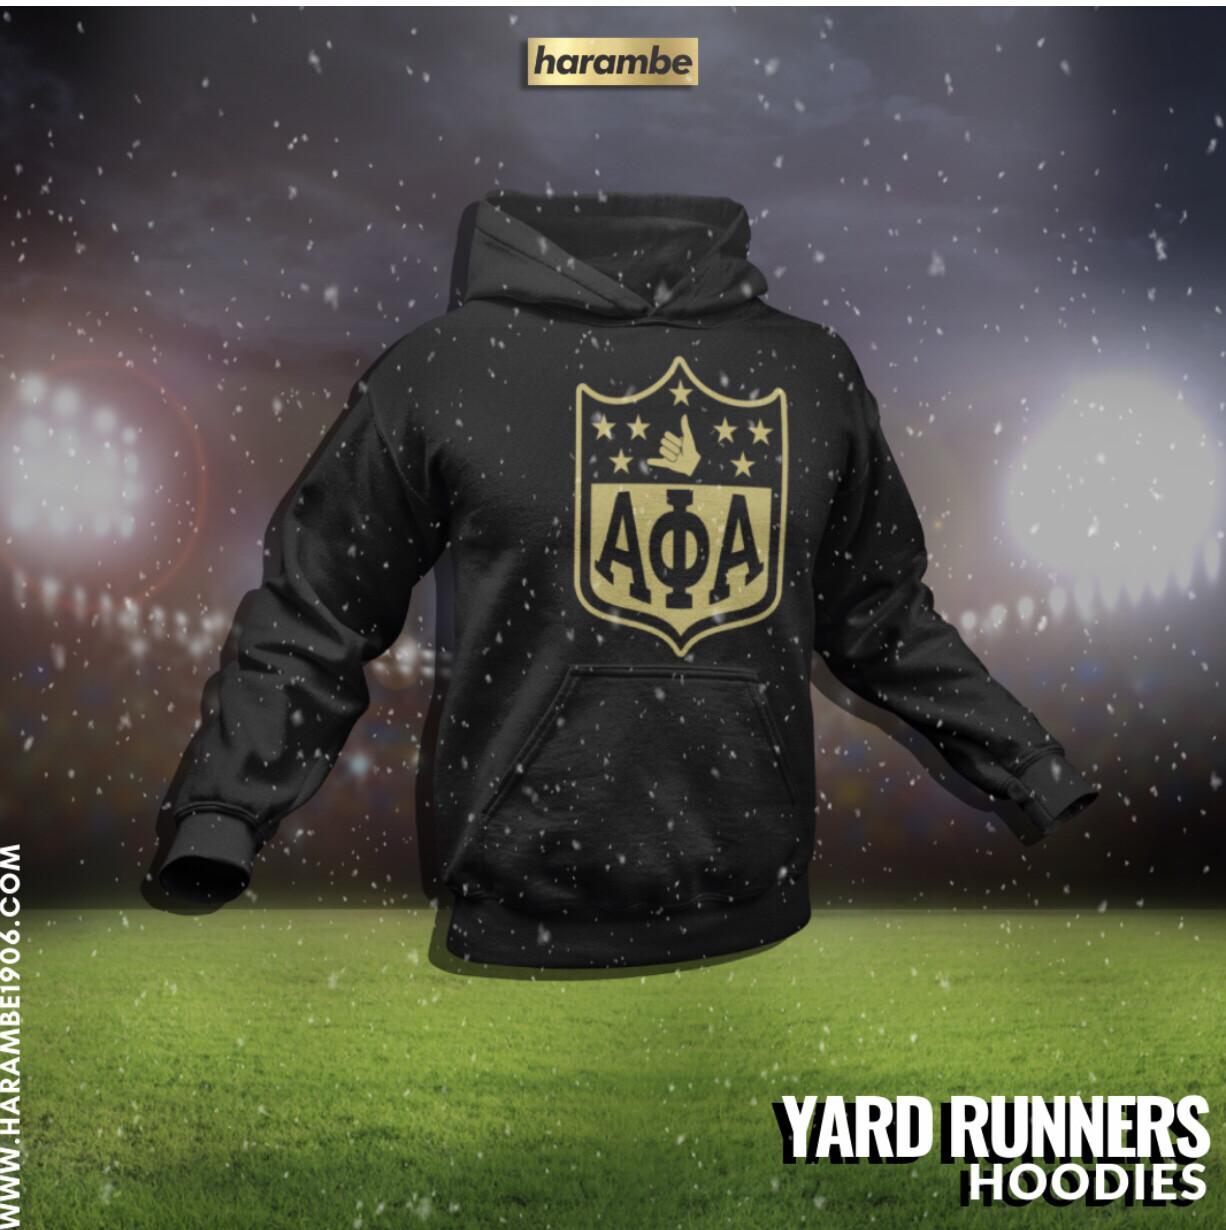 YARD RUNNERS HOODIE